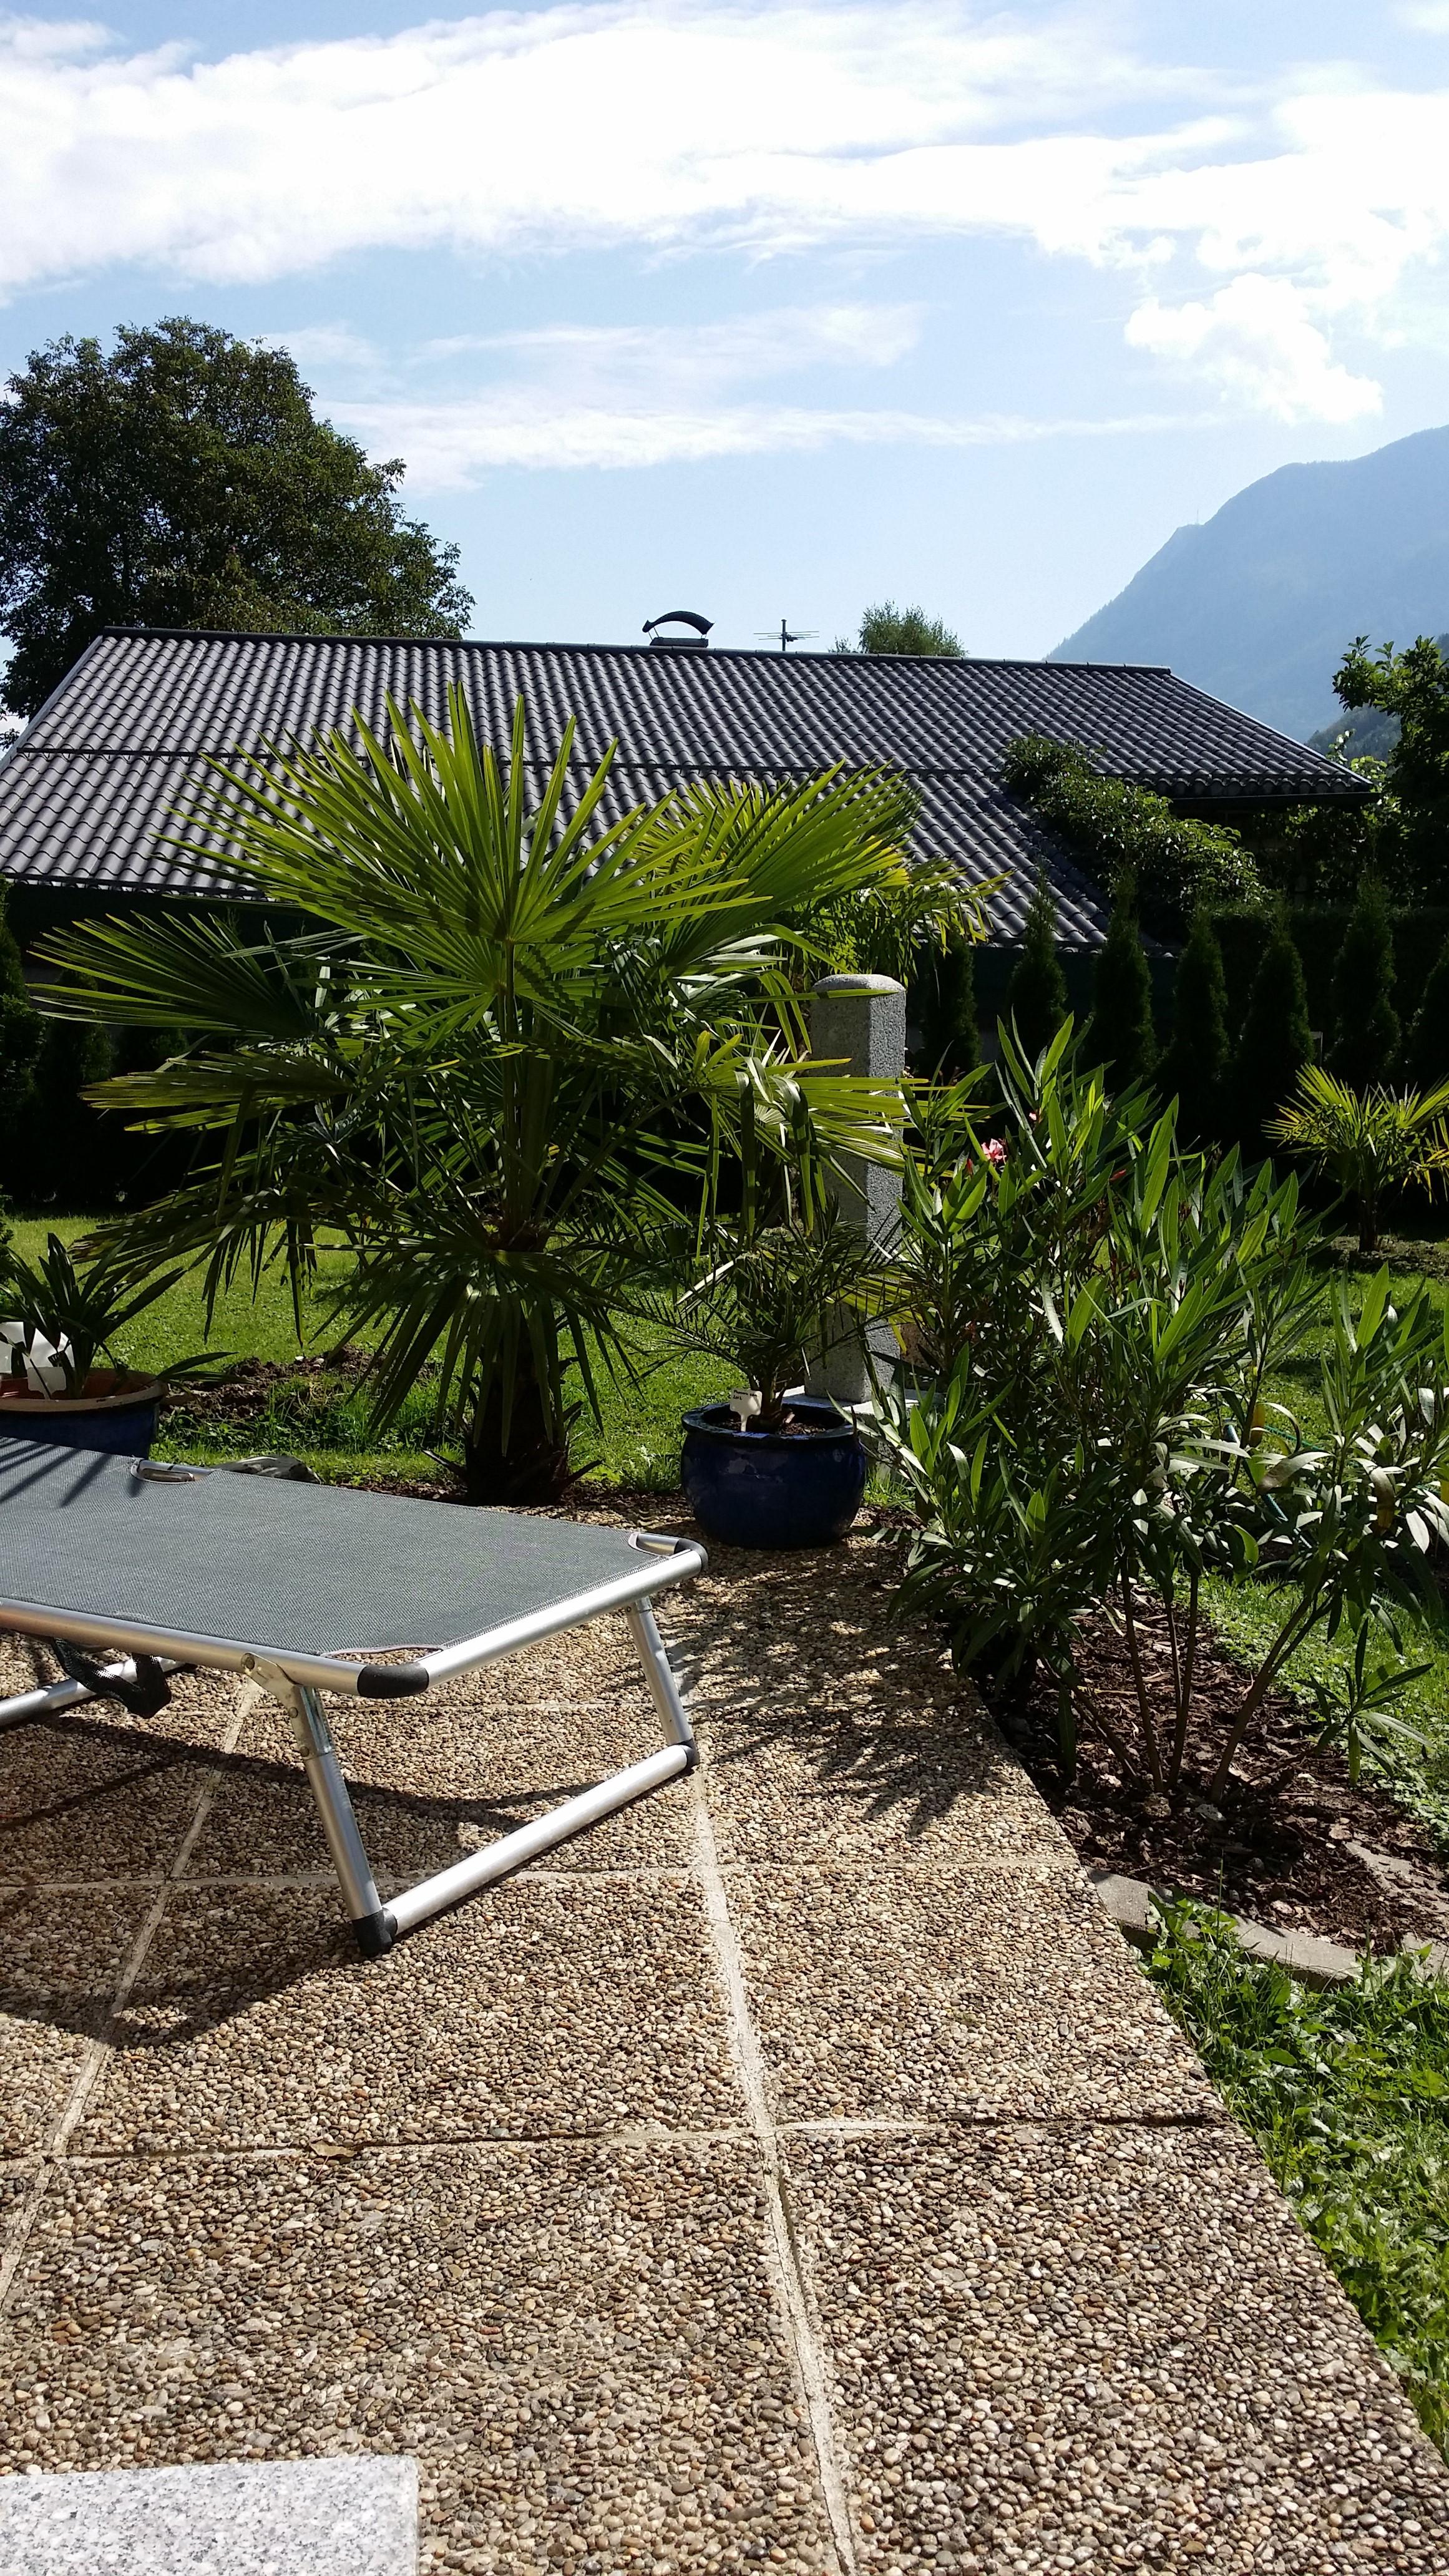 re trachycarpus fortunei stellt wachstum bei zu hohen temperaturen ein 4. Black Bedroom Furniture Sets. Home Design Ideas